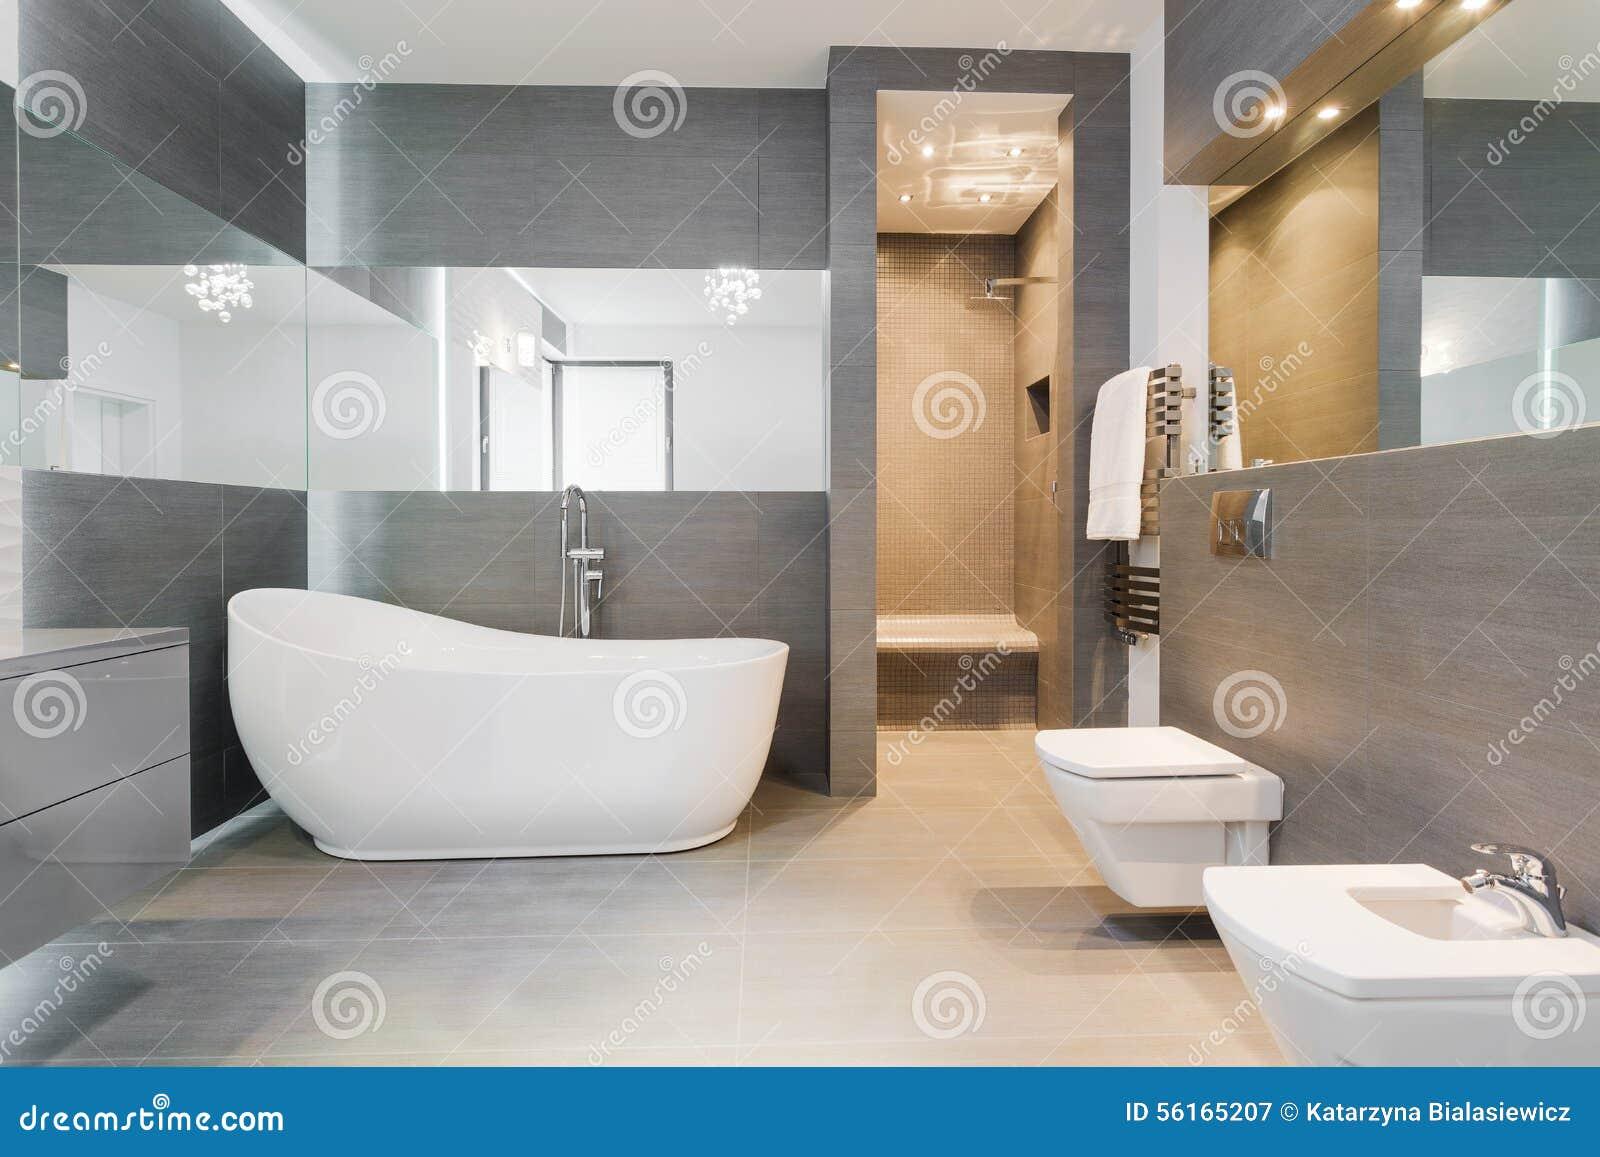 Freestanding ванна в современной ванной комнате